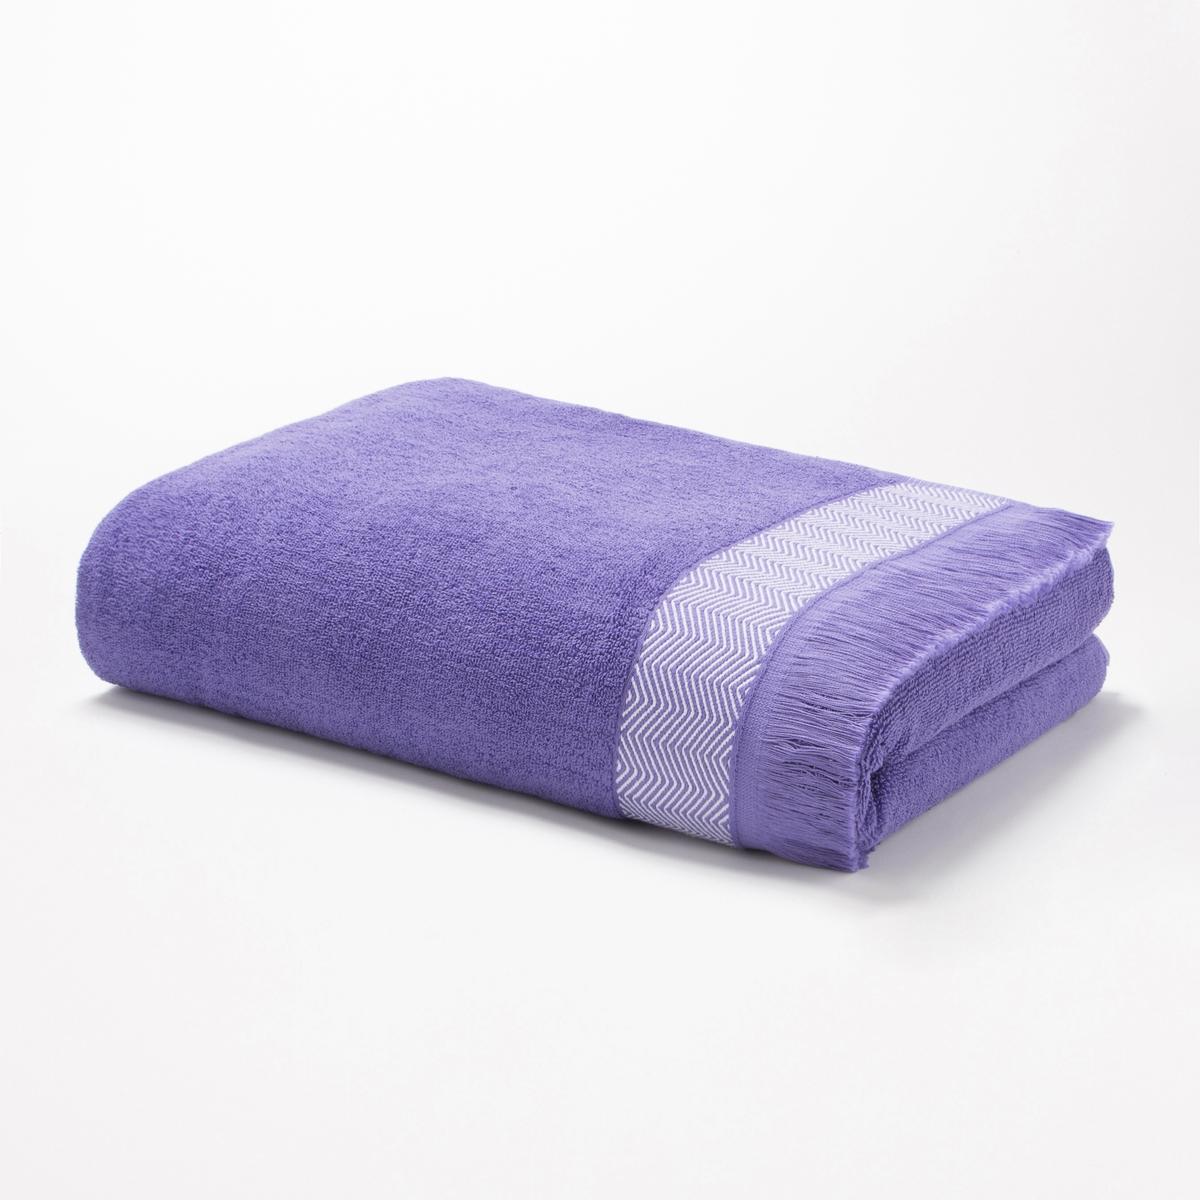 Полотенце банное большое, 500 г/м? - FringesБольшое банное полотенце светло-сиреневого цвета, отделка бахромой, пышное полотенце с исключительной впитывающей способностью. Характеристики большого банного полотенца Fringes :Ткань букле, 100% хлопокОтделка бахромой, края с зигзагообразным орнаментомМашинная стирка при 60 °СРазмеры большого банного полотенца Fringes :100 x 150 смМодель белого цвета представлена на сайте laredoute.ru<br><br>Цвет: синий